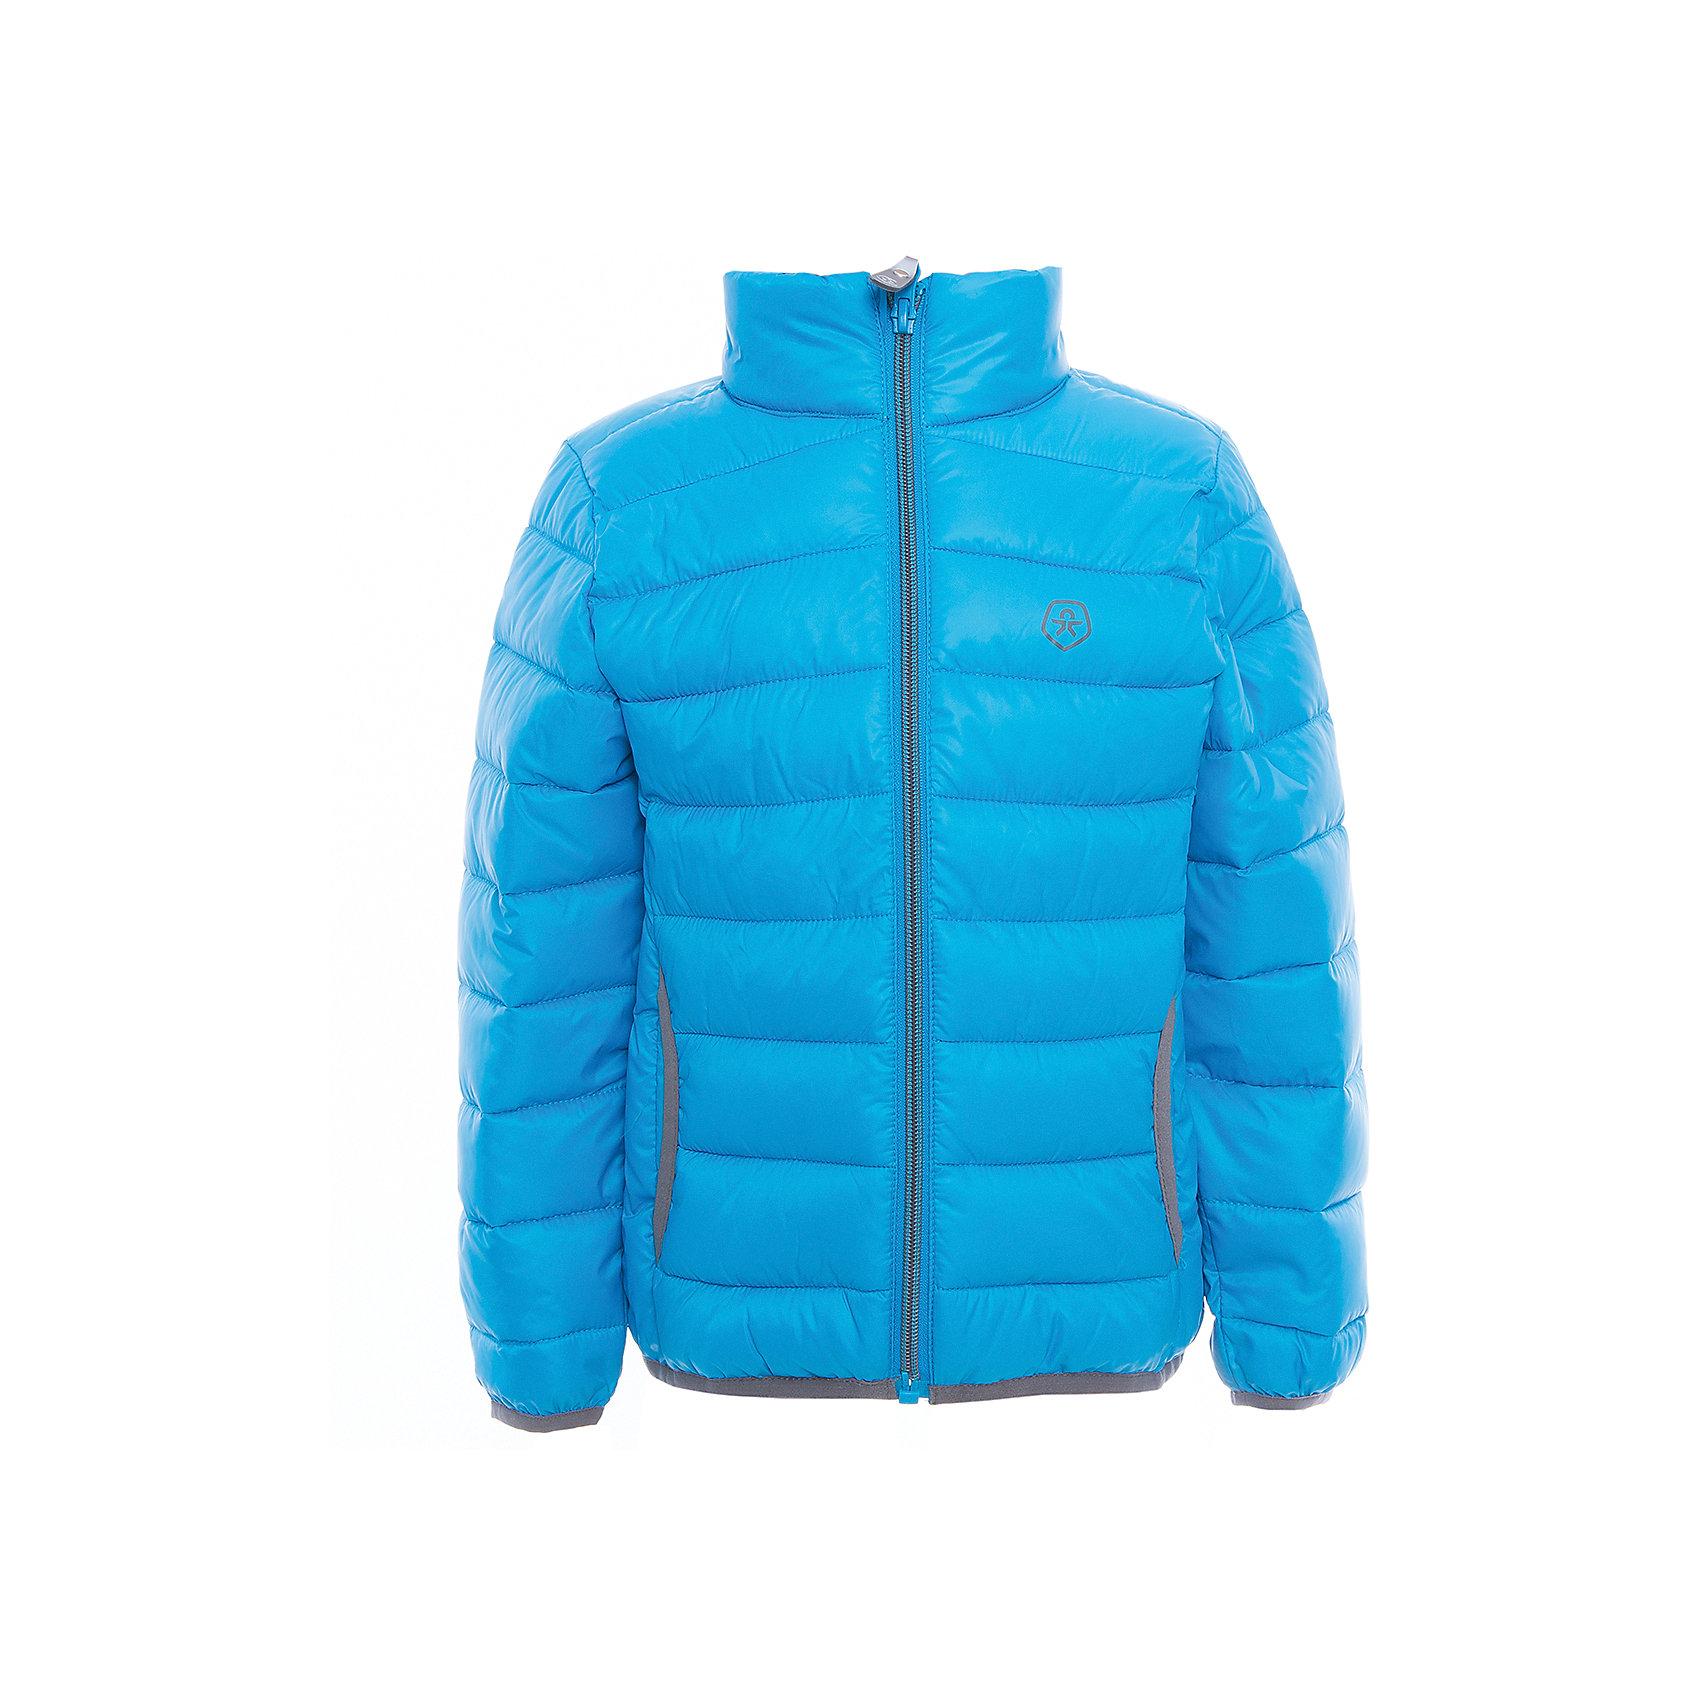 Куртка  Color KidsВерхняя одежда<br>Характеристики товара:<br><br>• цвет: голубой<br>• состав: 100 % полиэстер<br>• подкладка: 100 % полиэстер<br>• утеплитель: 160г/м синтепон<br>• температурный режим: от -5° С до +10°С<br>• светоотражающие детали<br>• застежка: молния<br>• защита подбородка<br>• два кармана<br>• логотип<br>• комфортная посадка<br>• страна бренда: Дания<br><br>Эта симпатичная и удобная куртка отлично подойдет для ношения в межсезонье. Она комфортно сидит и обеспечивает ребенку необходимое удобство. Очень стильно смотрится.<br><br>Куртку от датского бренда Color Kids (Колор кидз) можно купить в нашем интернет-магазине.<br><br>Ширина мм: 356<br>Глубина мм: 10<br>Высота мм: 245<br>Вес г: 519<br>Цвет: голубой<br>Возраст от месяцев: 72<br>Возраст до месяцев: 84<br>Пол: Унисекс<br>Возраст: Детский<br>Размер: 122,128,140,152,92,98,104,110,116<br>SKU: 5443126